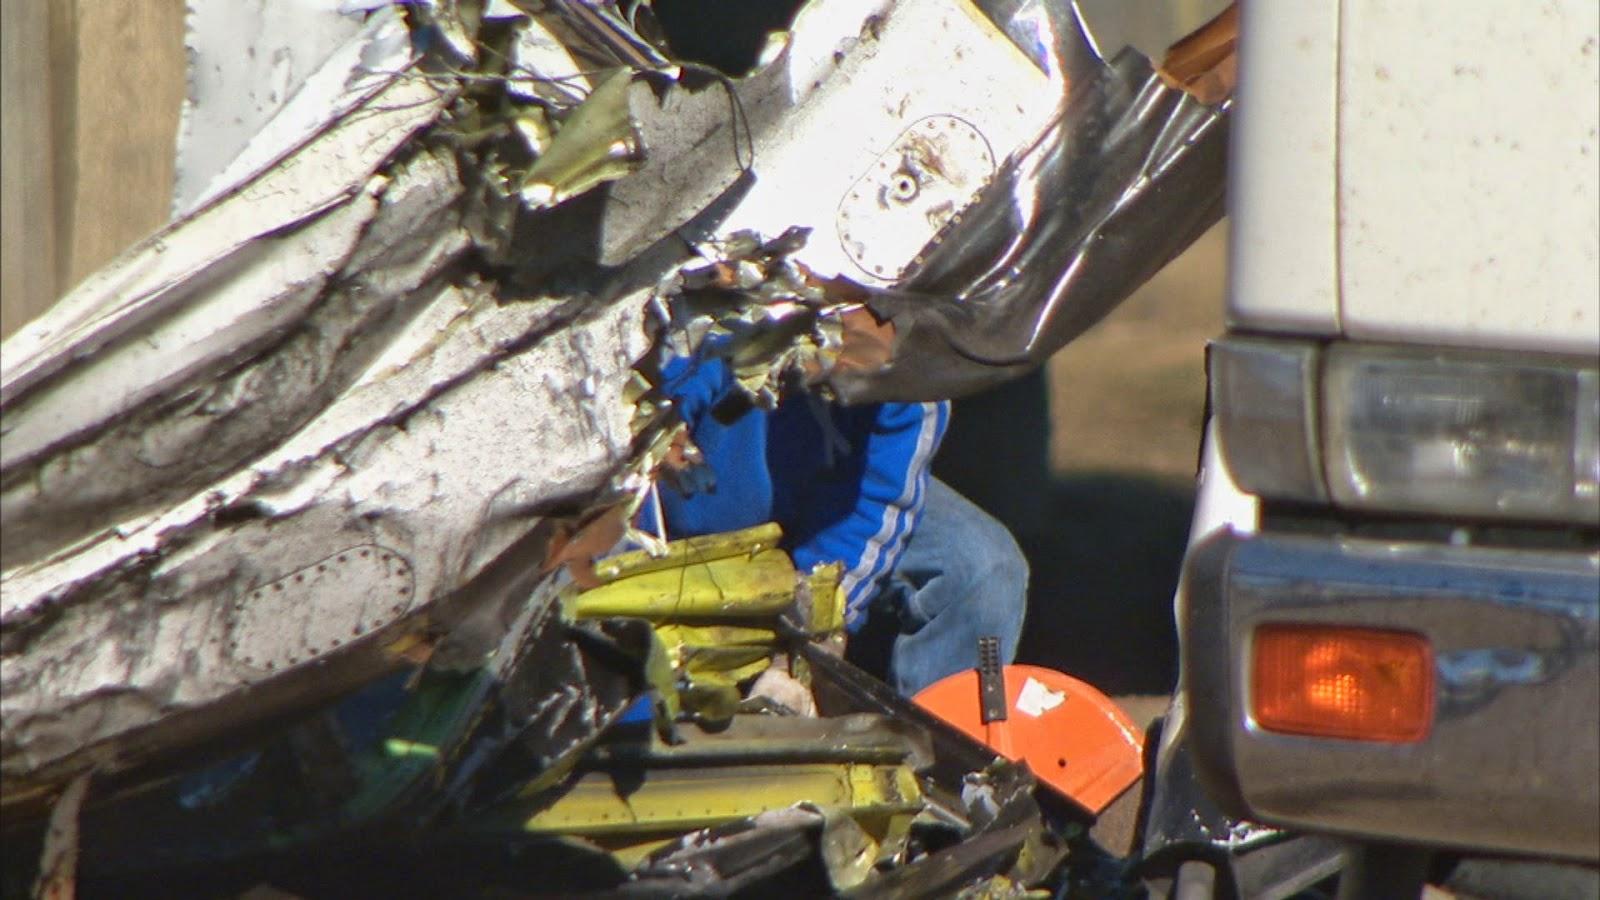 Kathryn's Report: Piper PA-46-350P Malibu Mirage, C-GVZW